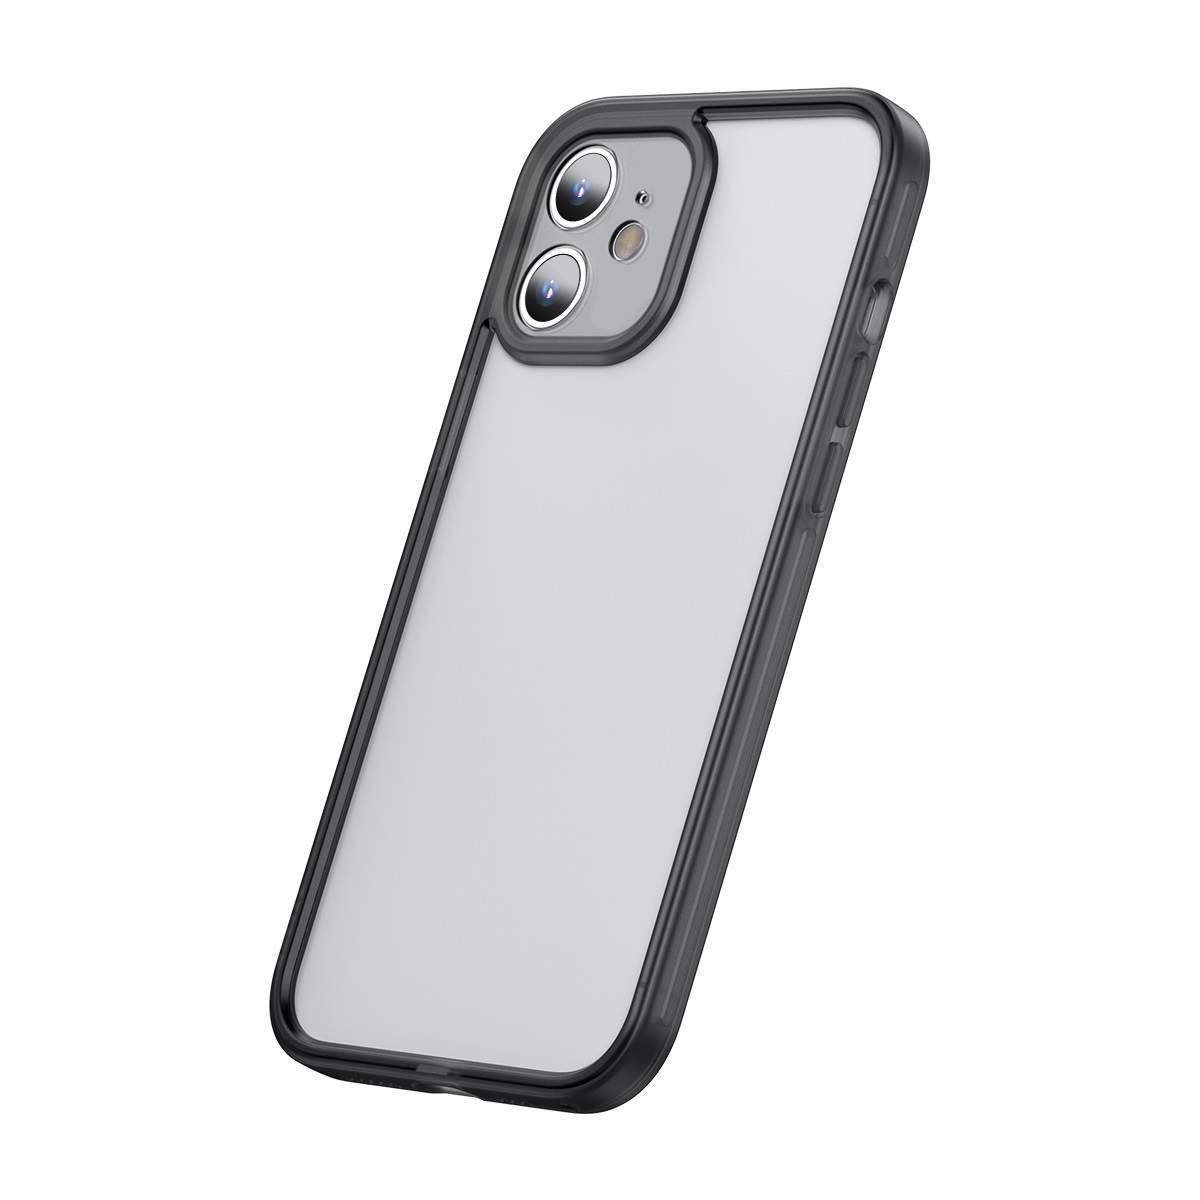 Capa Protetora de Lente de Câmera com Moldura Compatível com iPhone 12 Pro Max